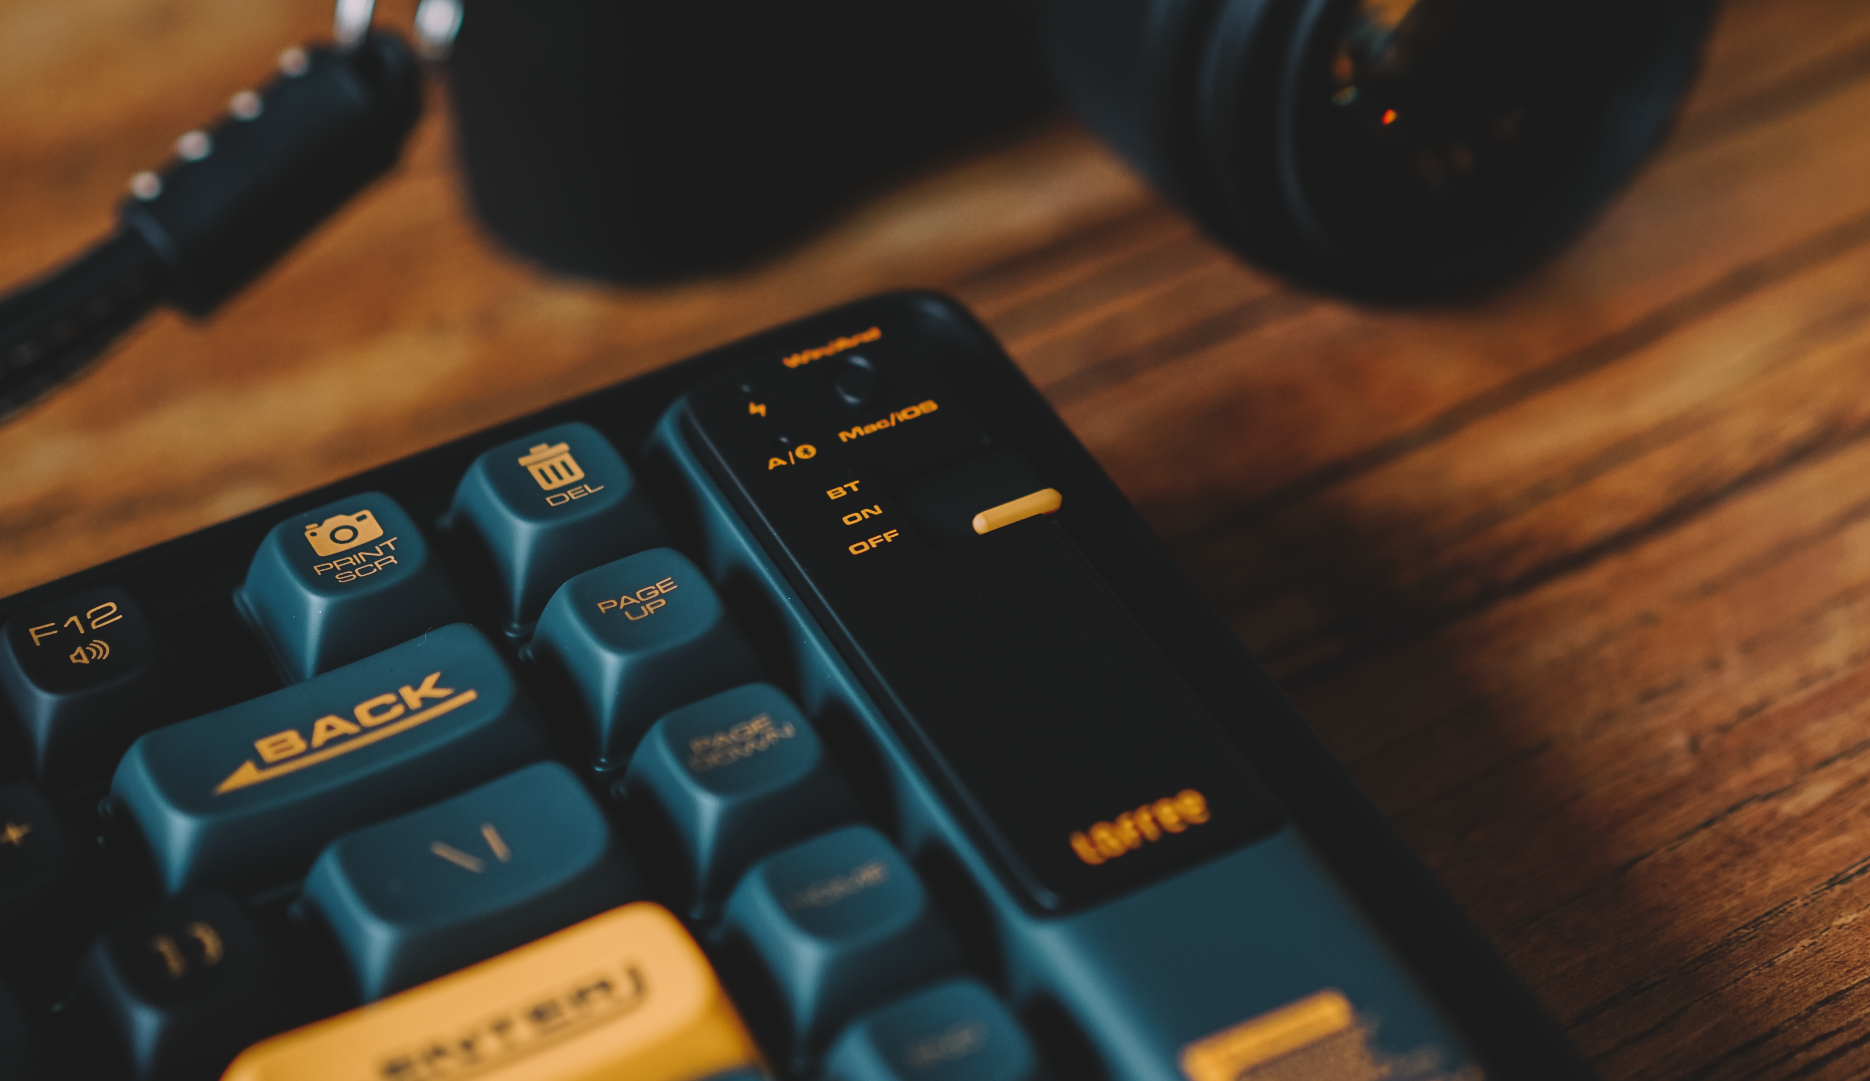 图片[10]-以浪为名,Lofree洛斐小浪蓝牙机械键盘适合外出携带的小机械键盘-G-Suite